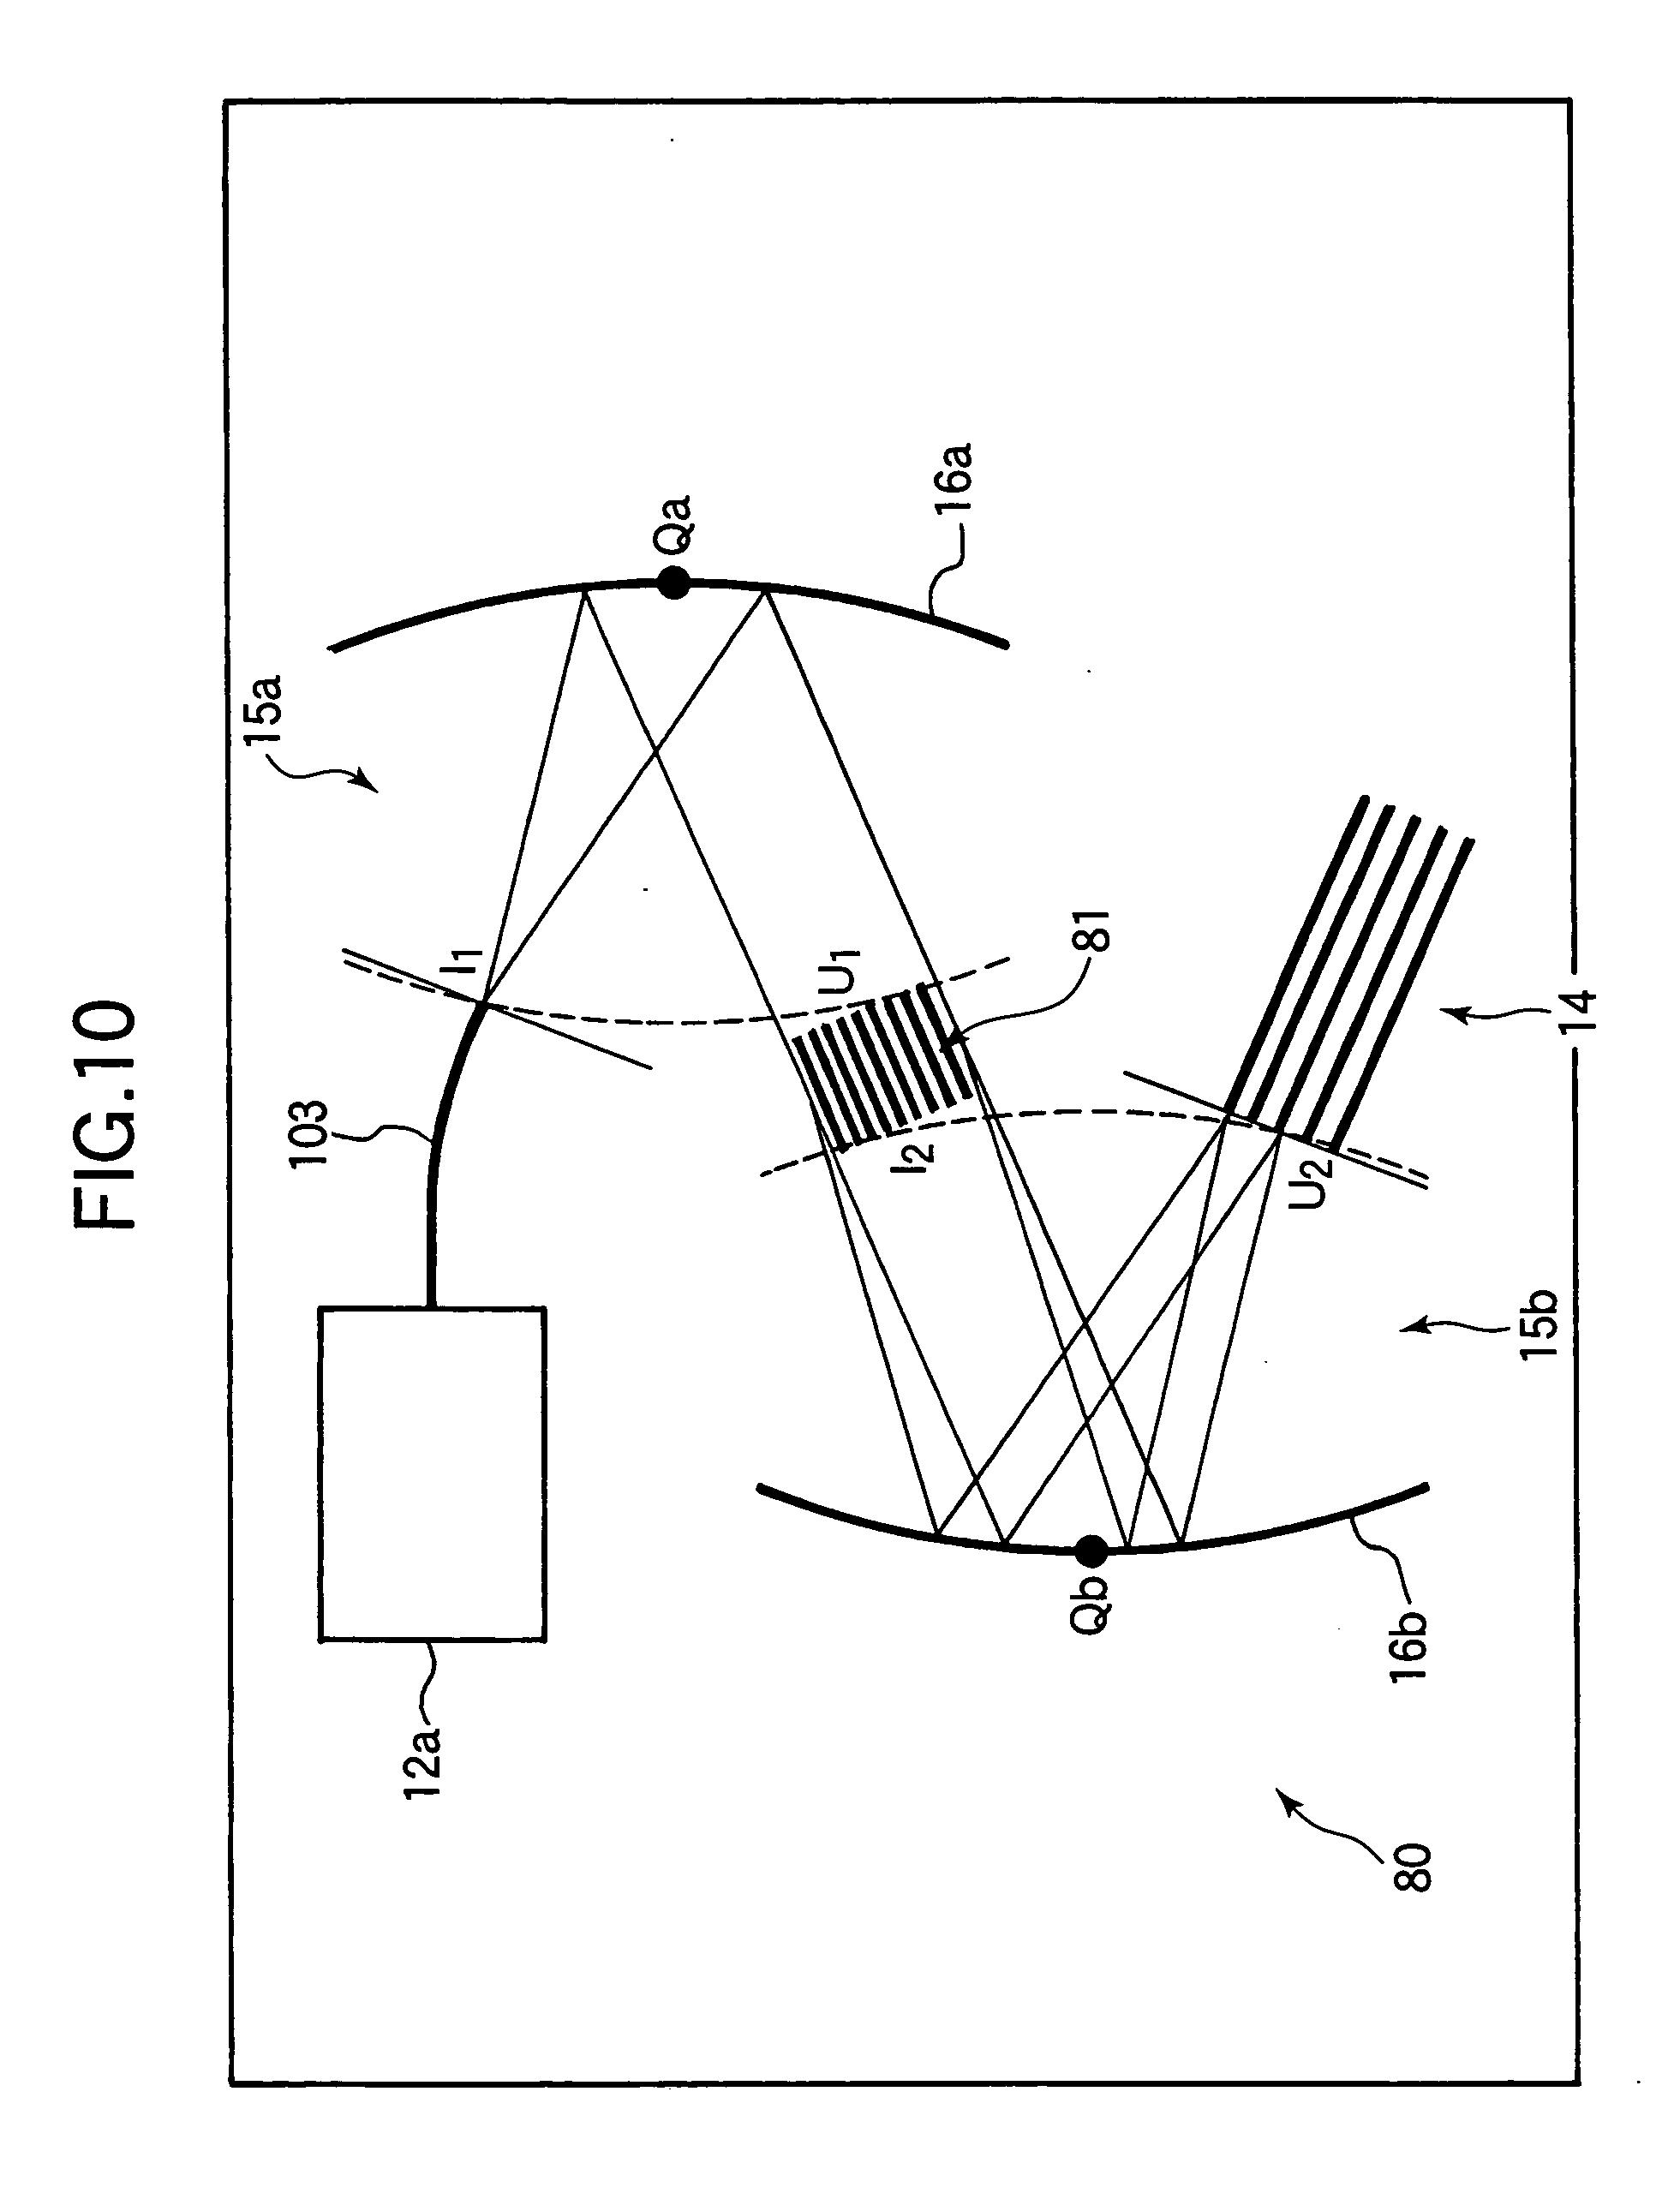 patent us20040047561